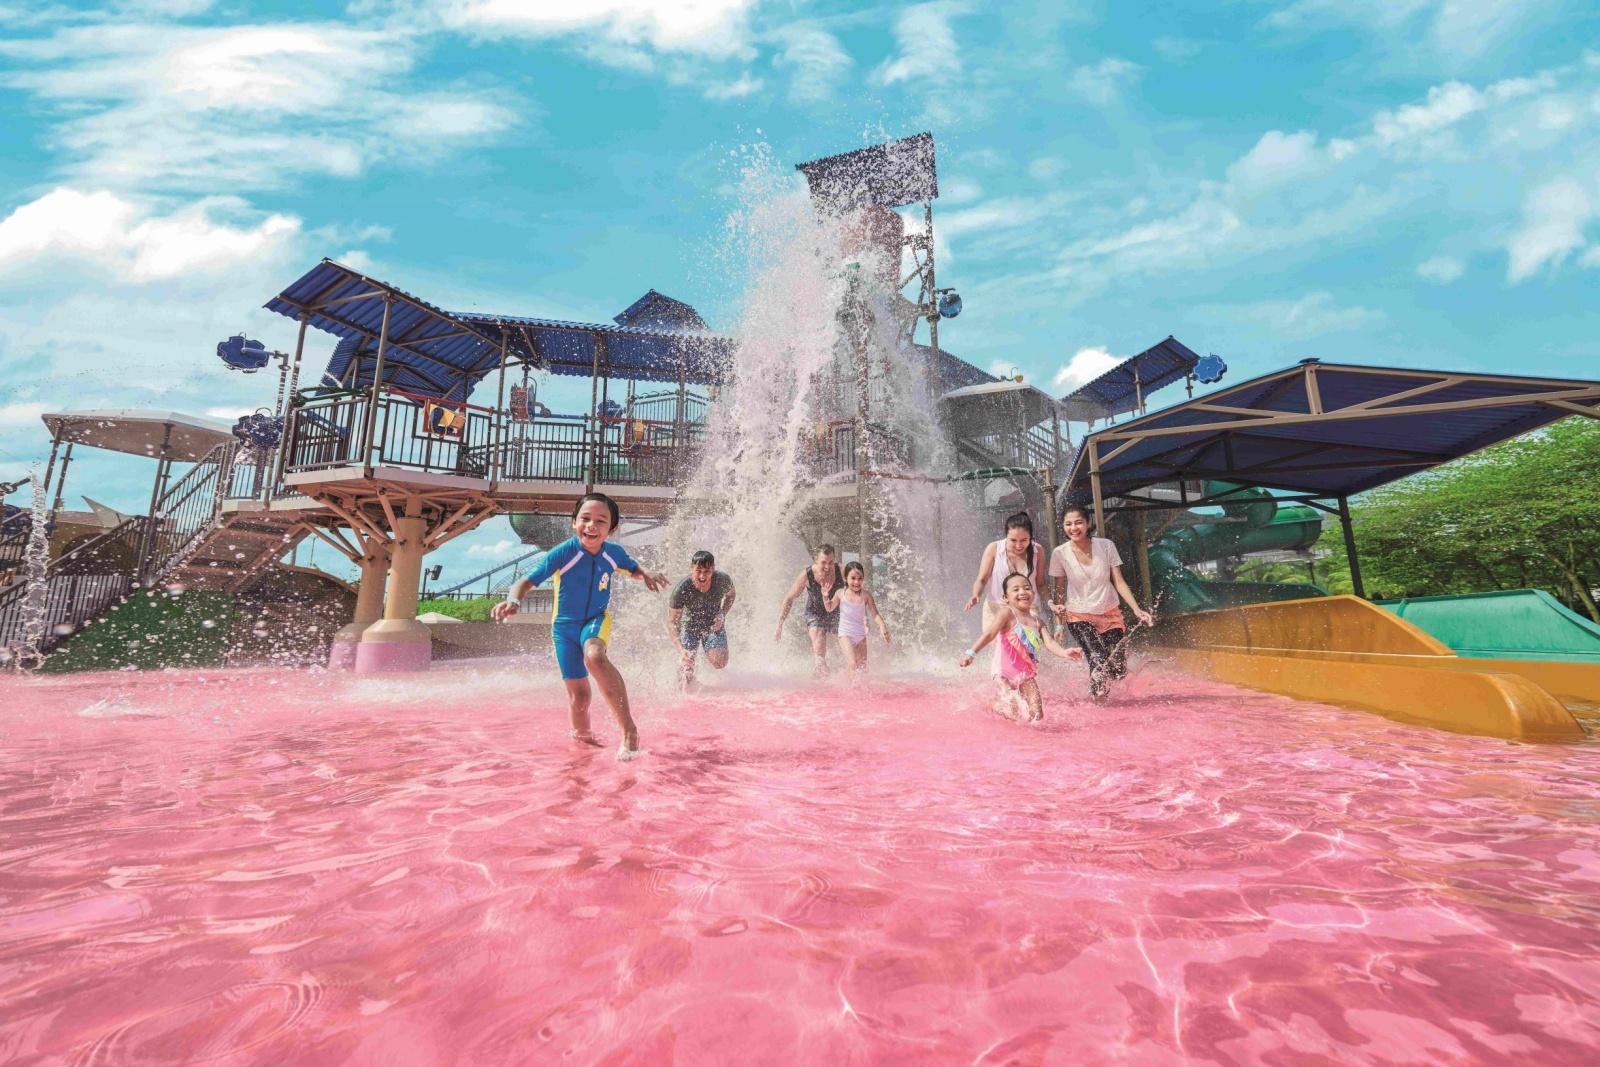 Adventure Waterpark - Kids Ahoy